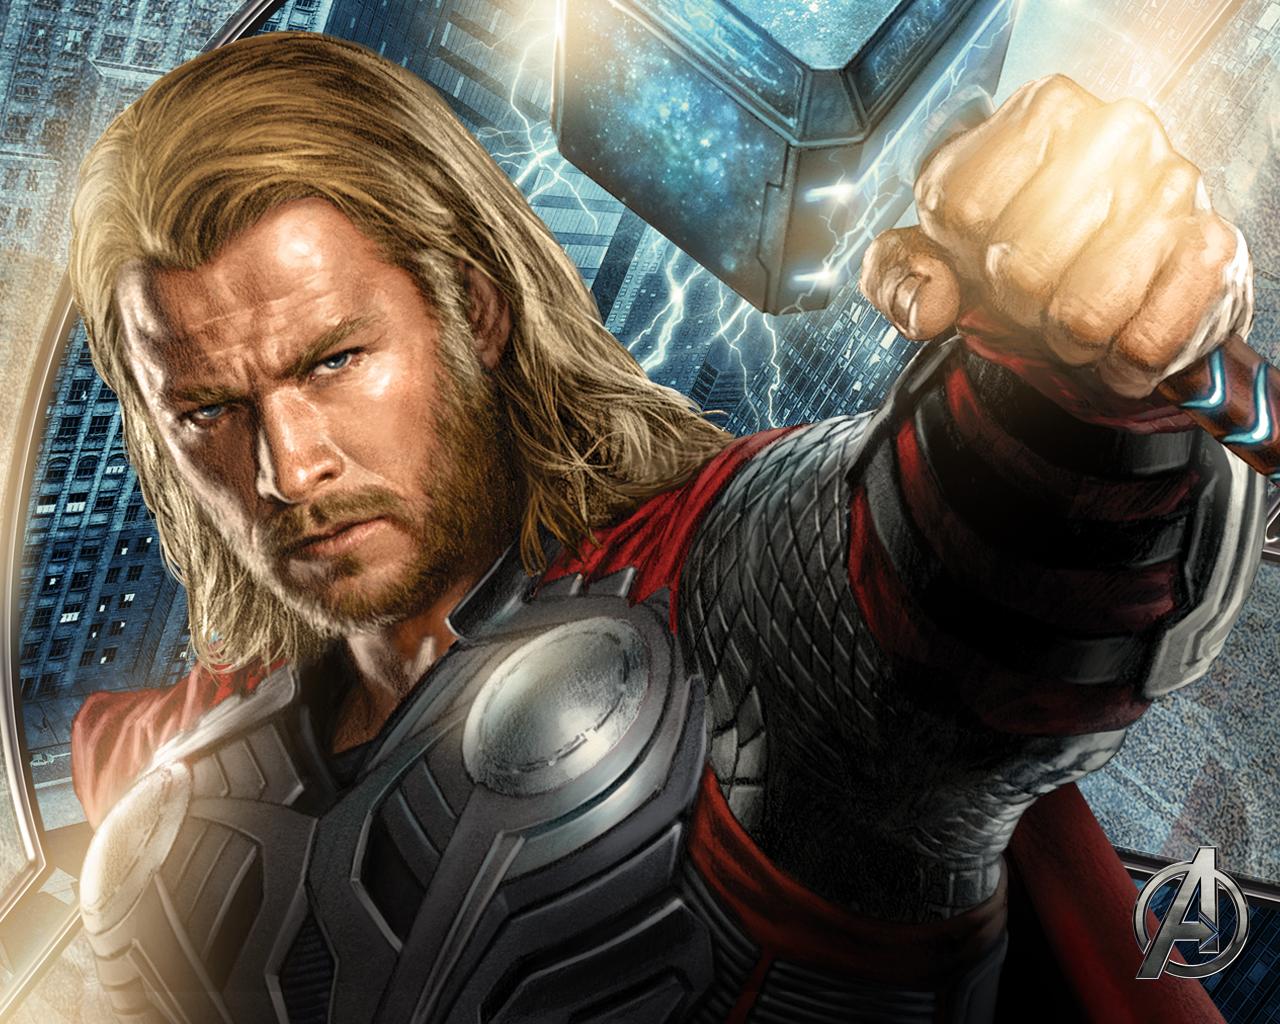 http://www.spiritsnextmove.net/wp-content/uploads/2012/05/Thor-Avengers.jpg